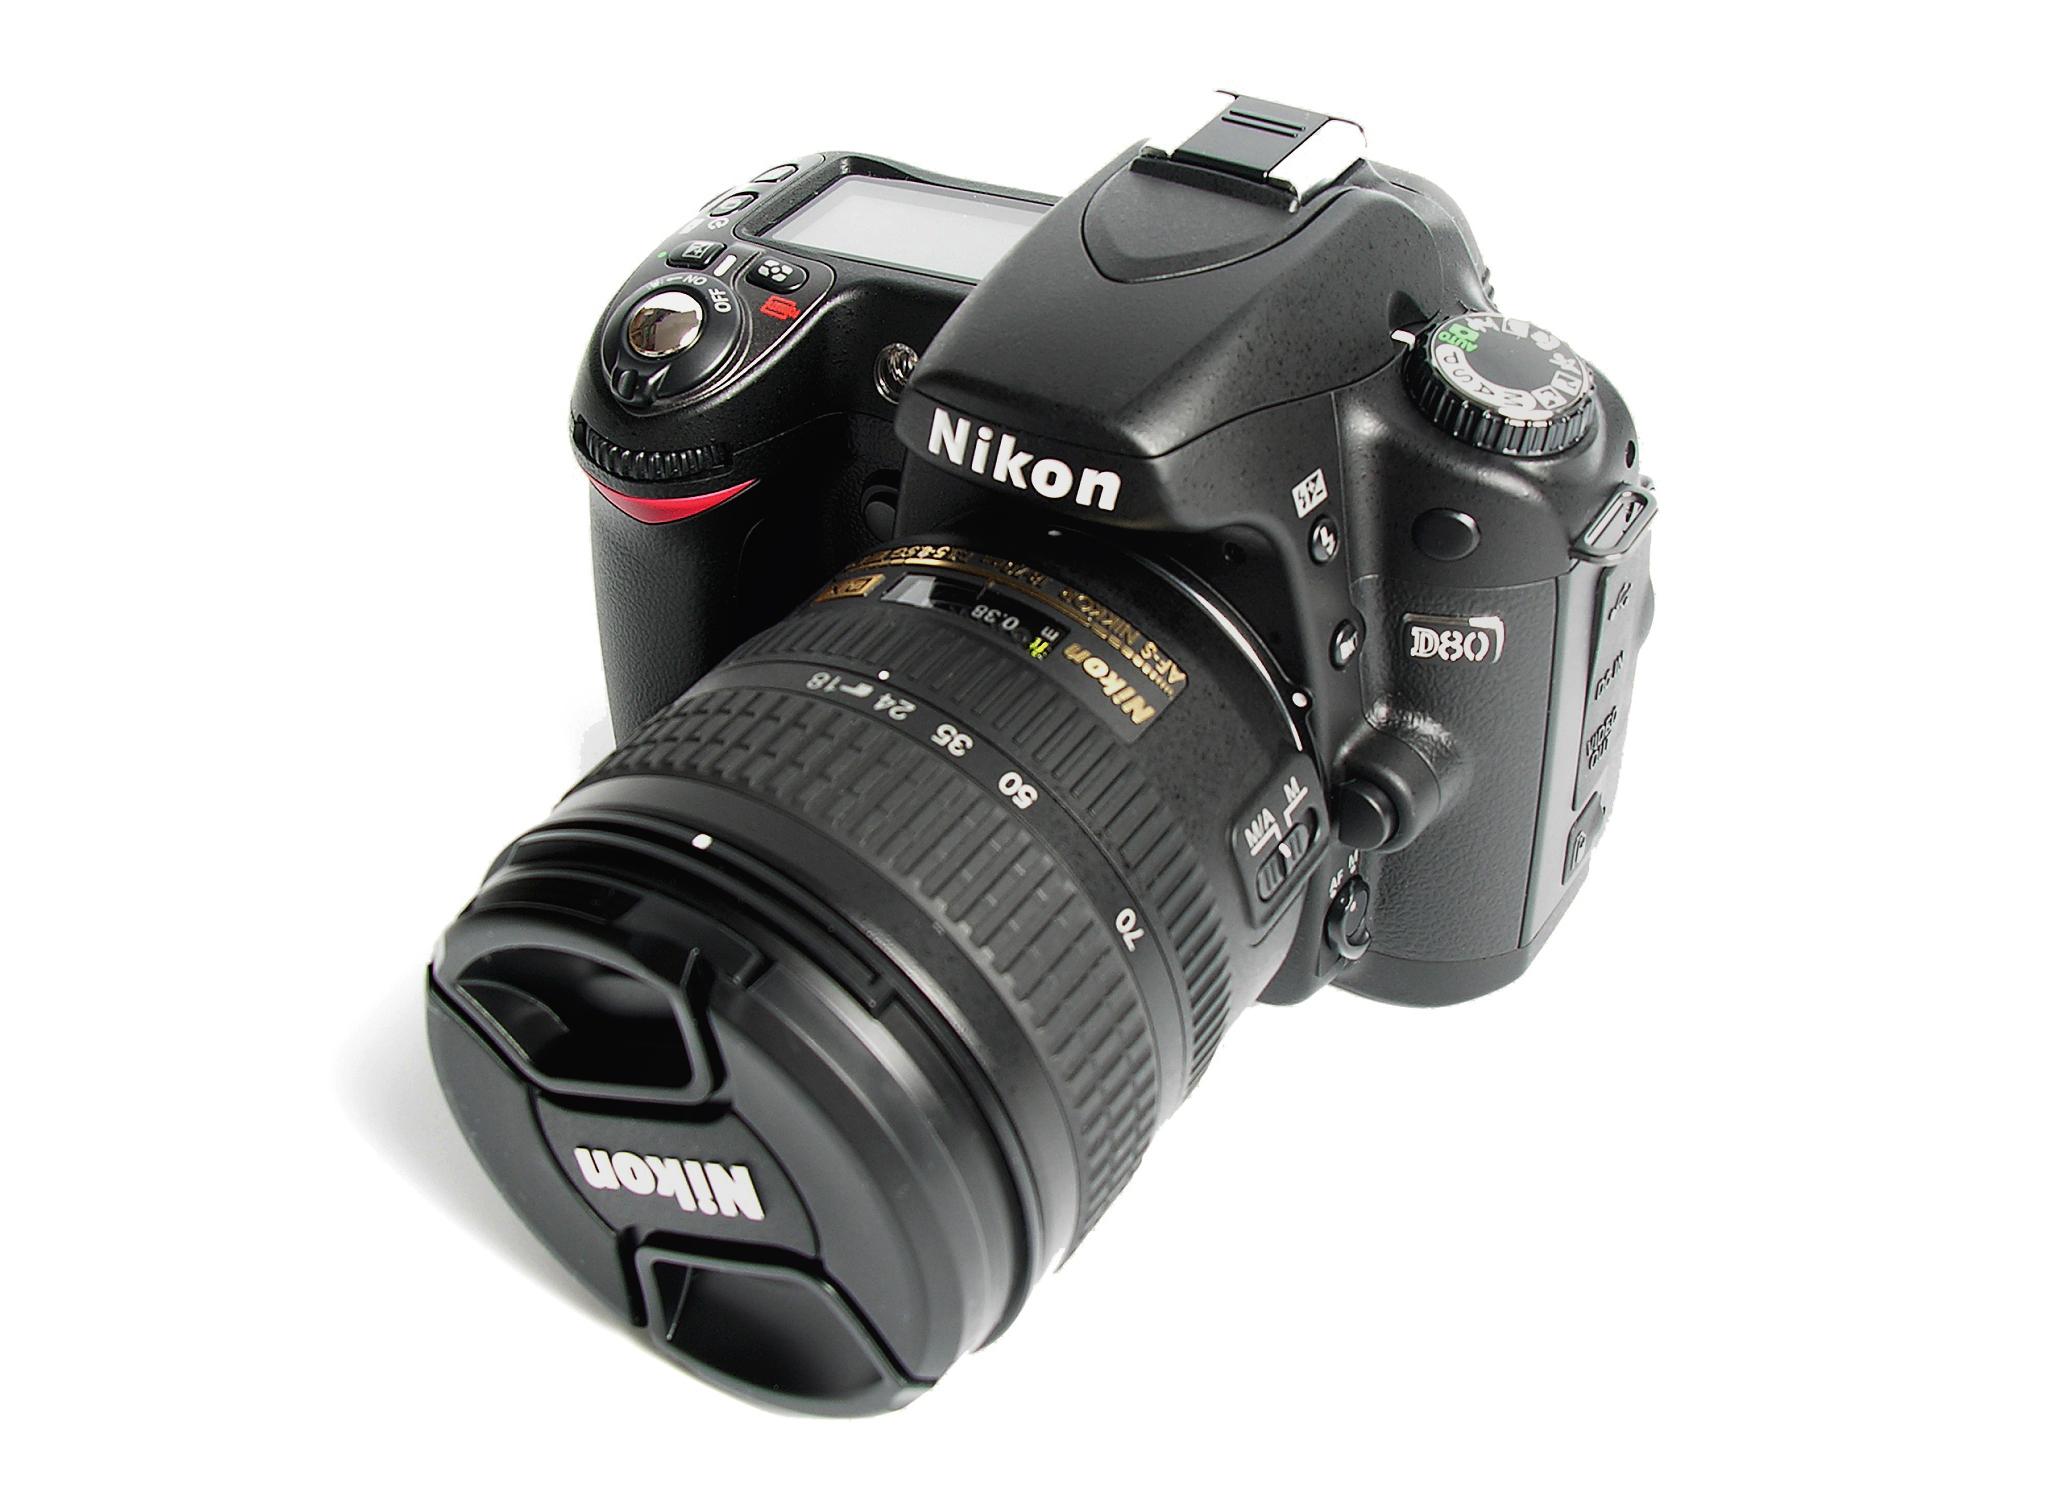 Nikon D80 - Wikiwand